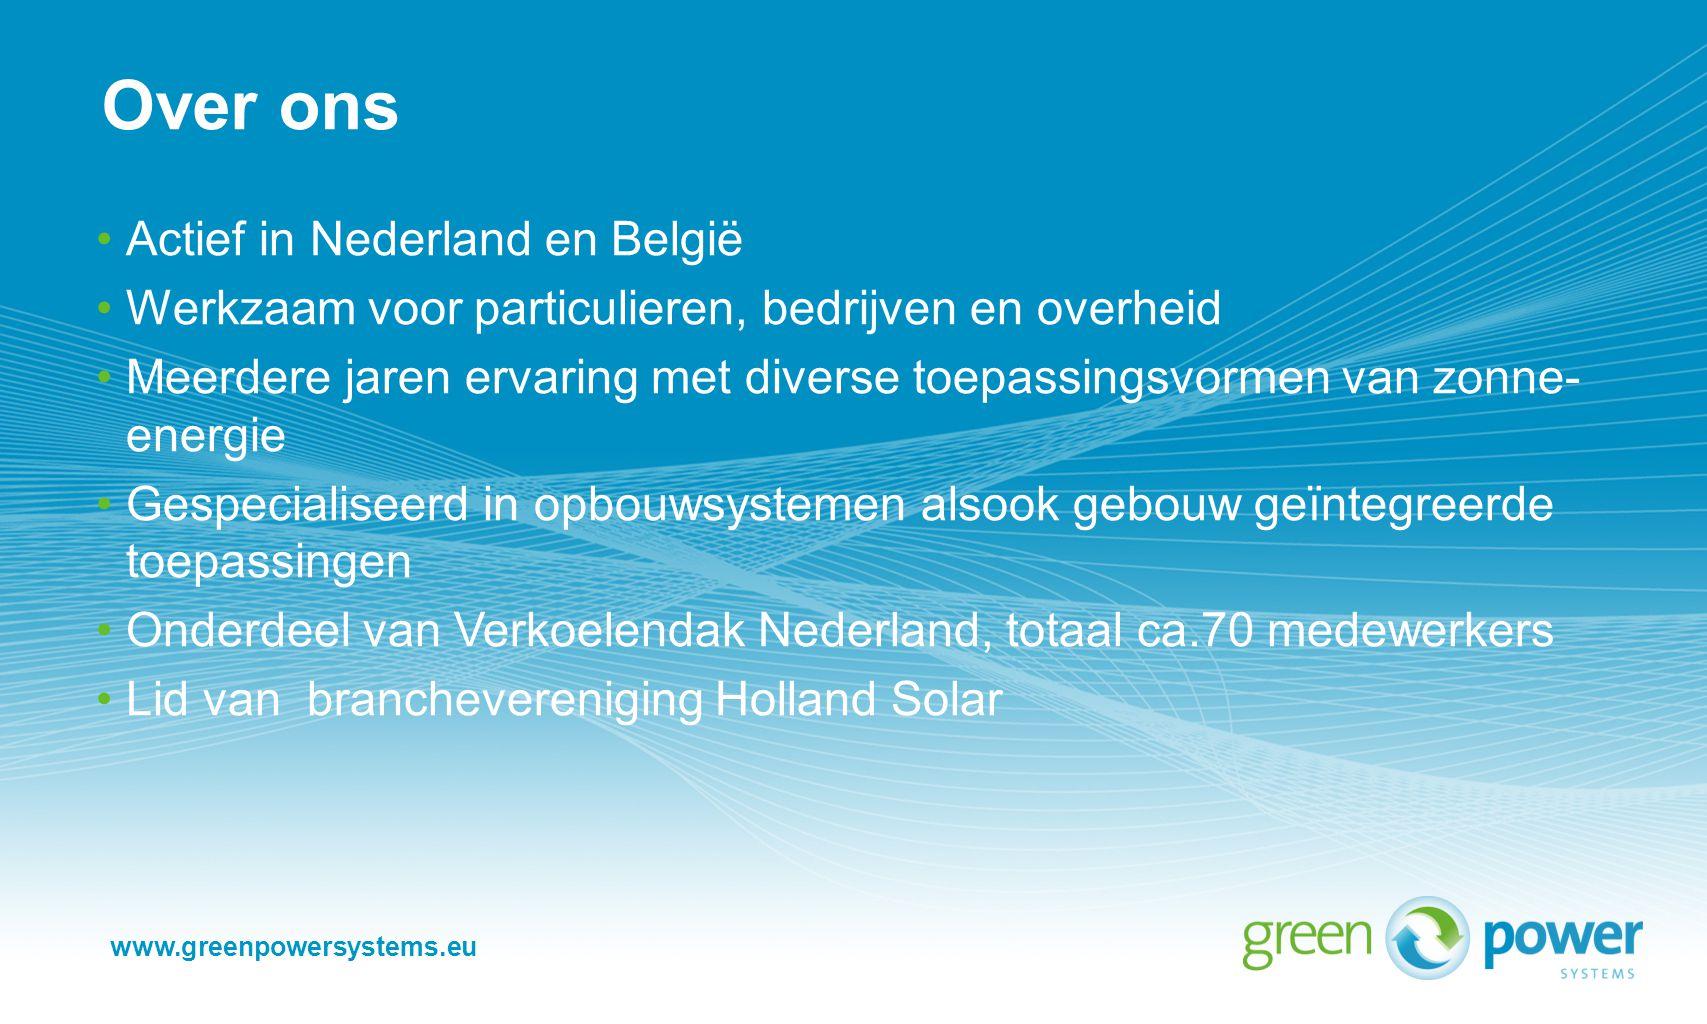 www.greenpowersystems.eu Actief in Nederland en België Werkzaam voor particulieren, bedrijven en overheid Meerdere jaren ervaring met diverse toepassingsvormen van zonne- energie Gespecialiseerd in opbouwsystemen alsook gebouw geïntegreerde toepassingen Onderdeel van Verkoelendak Nederland, totaal ca.70 medewerkers Lid van branchevereniging Holland Solar Over ons